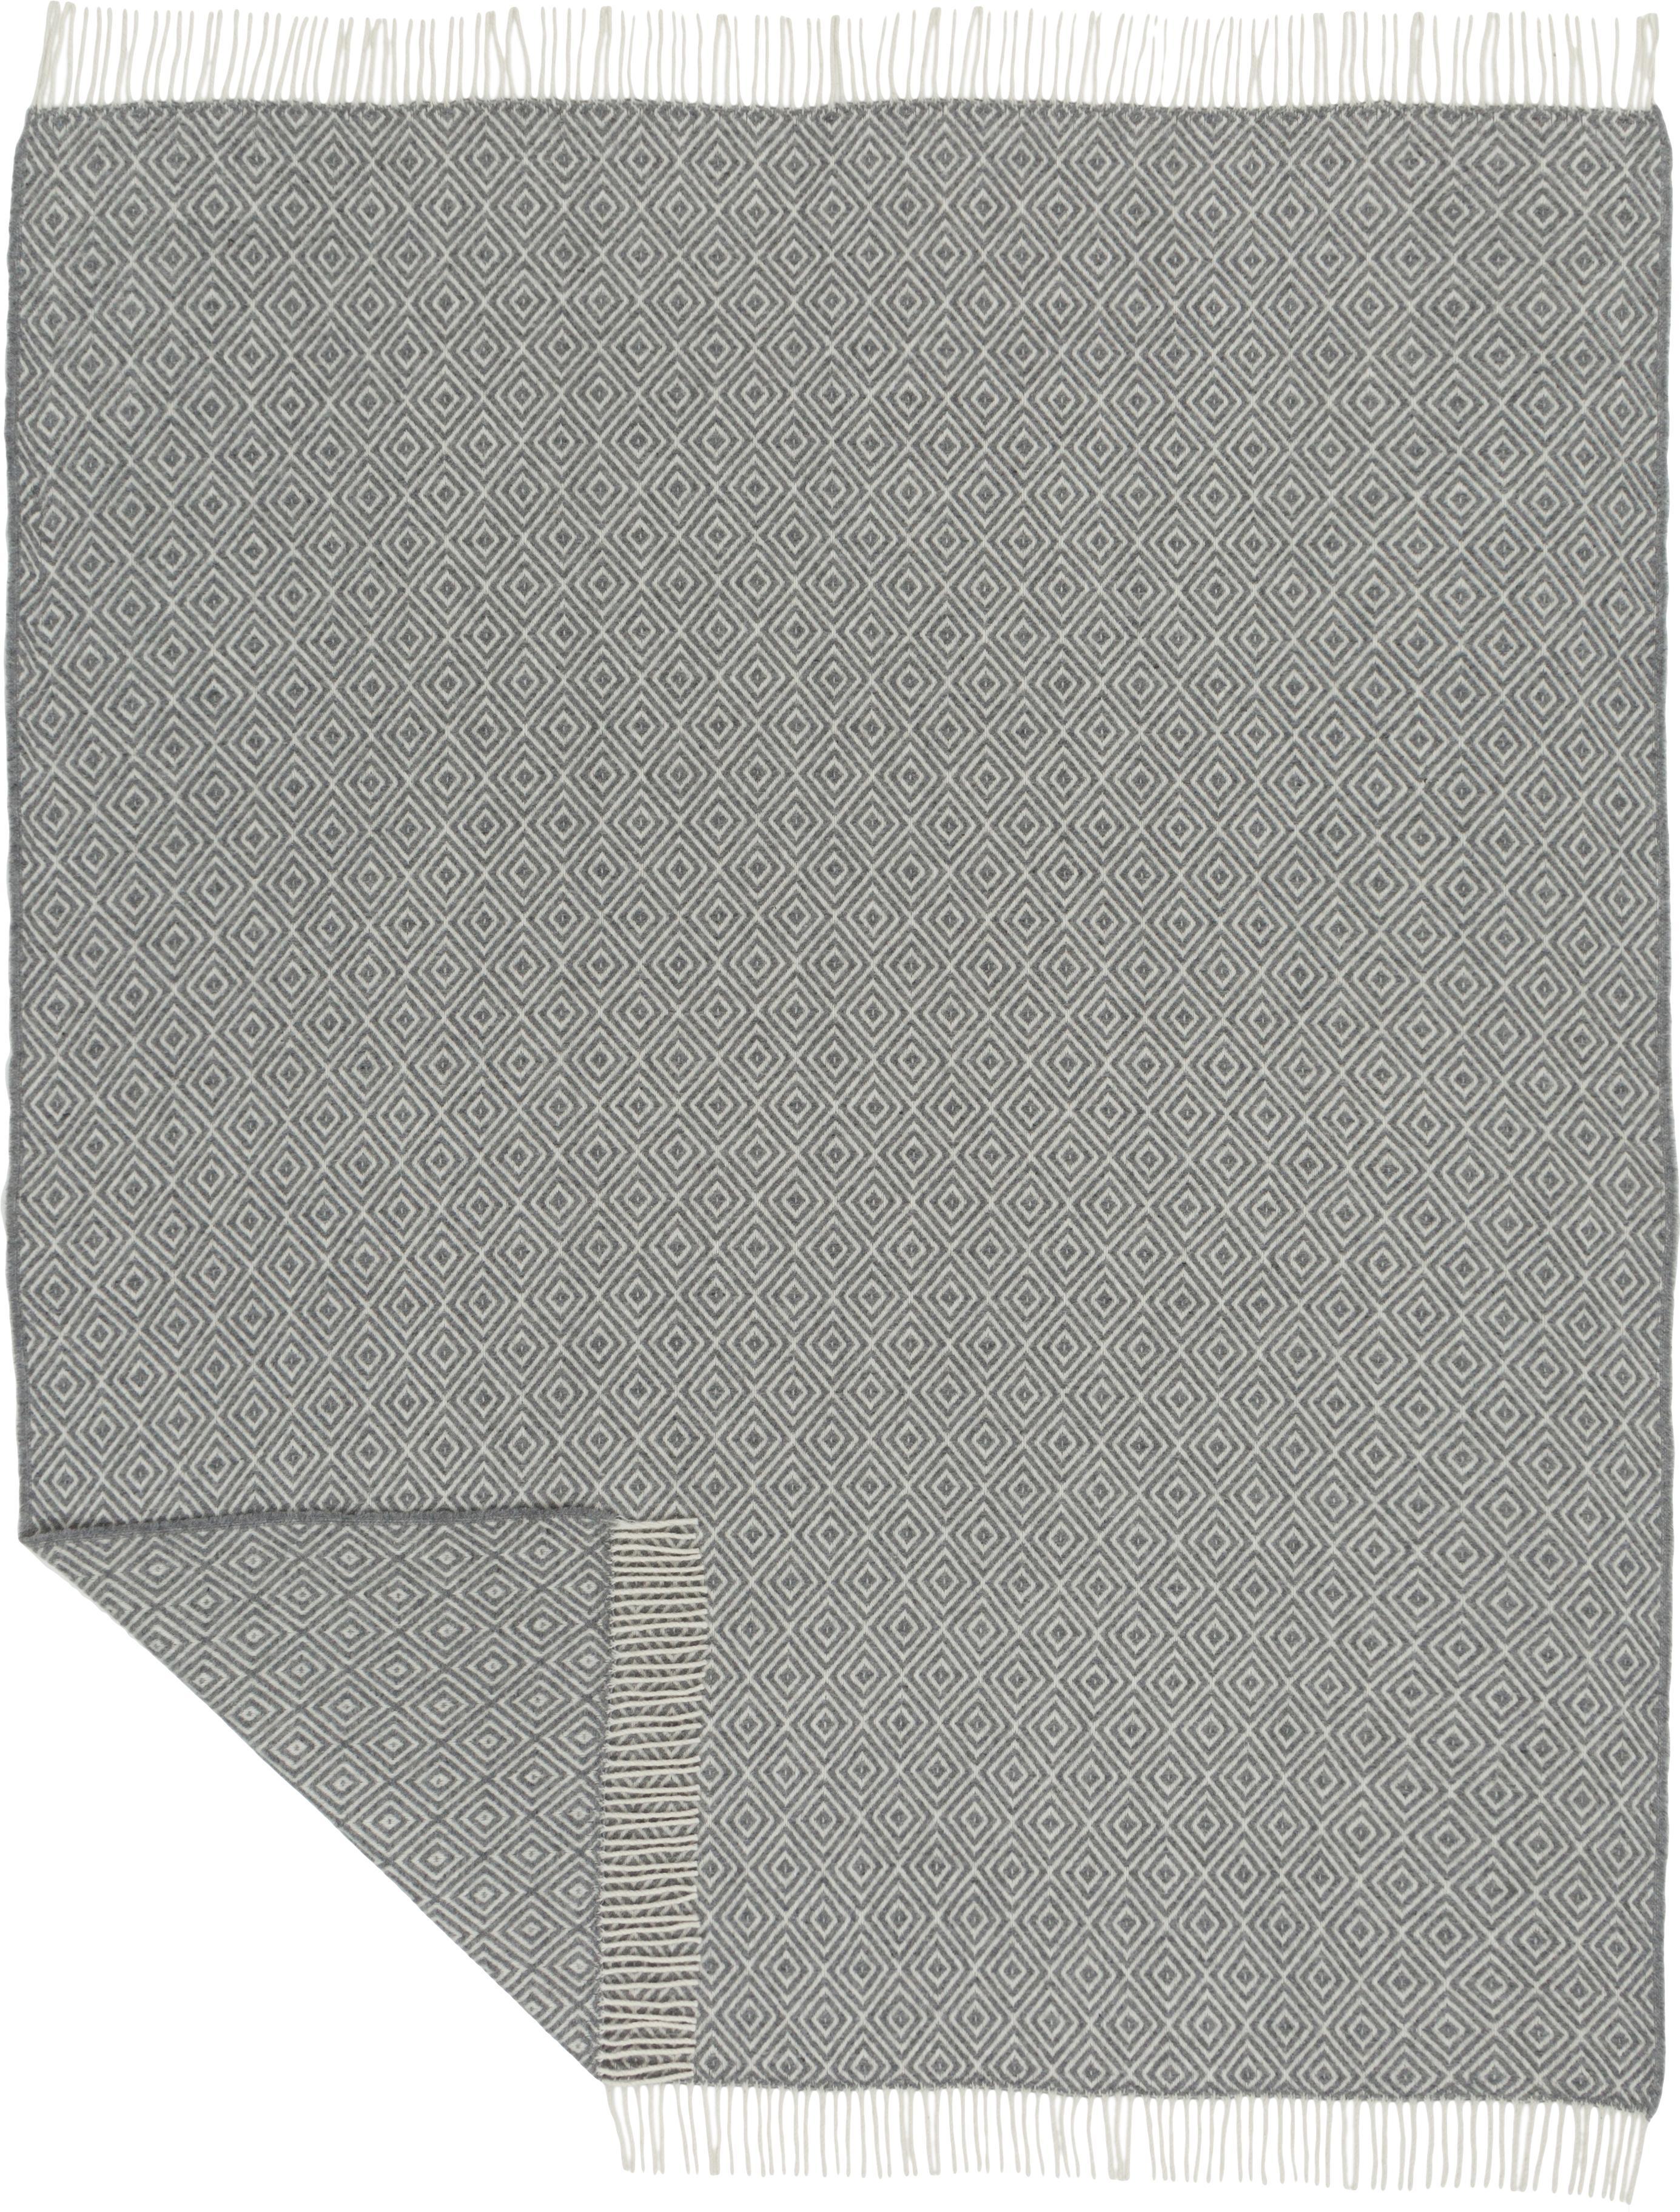 Woll-Plaid Alison mit feinem grafischem Muster, 70% Merinowolle, 30% Polyester, Gebrochenes Weiss, Hellgrau, 140 x 200 cm